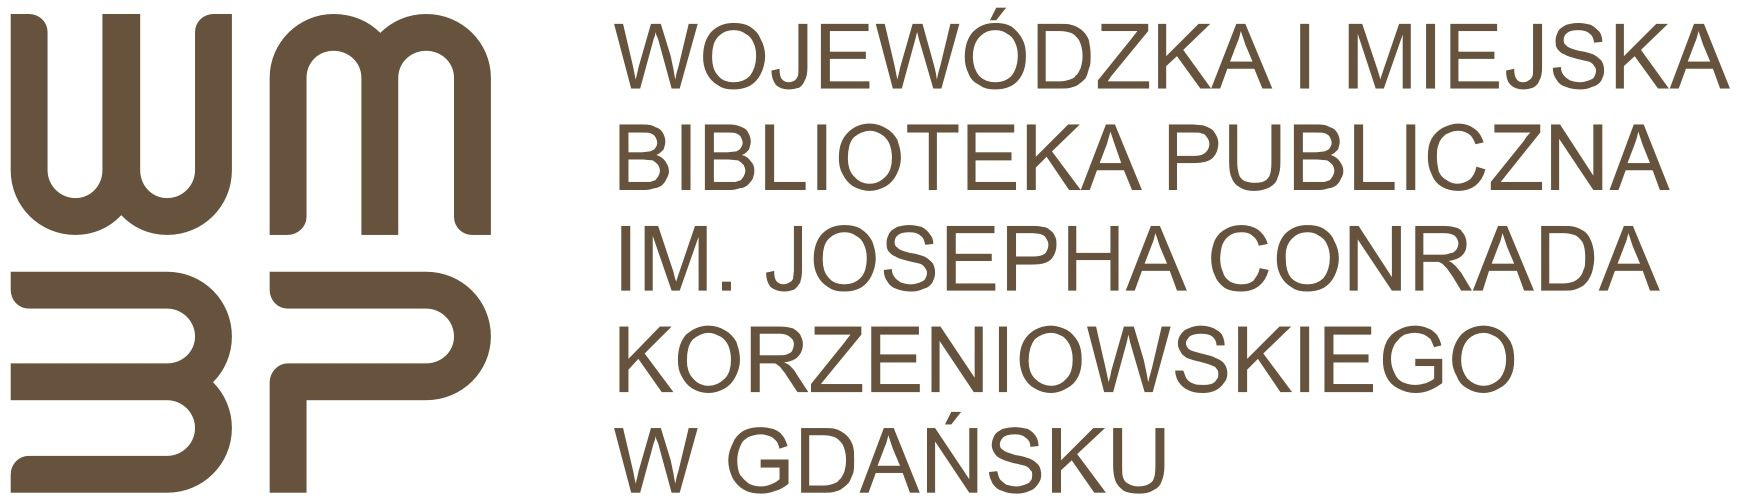 Wojewódzka i Miejska Bibliteka Publiczna w Gdańsku